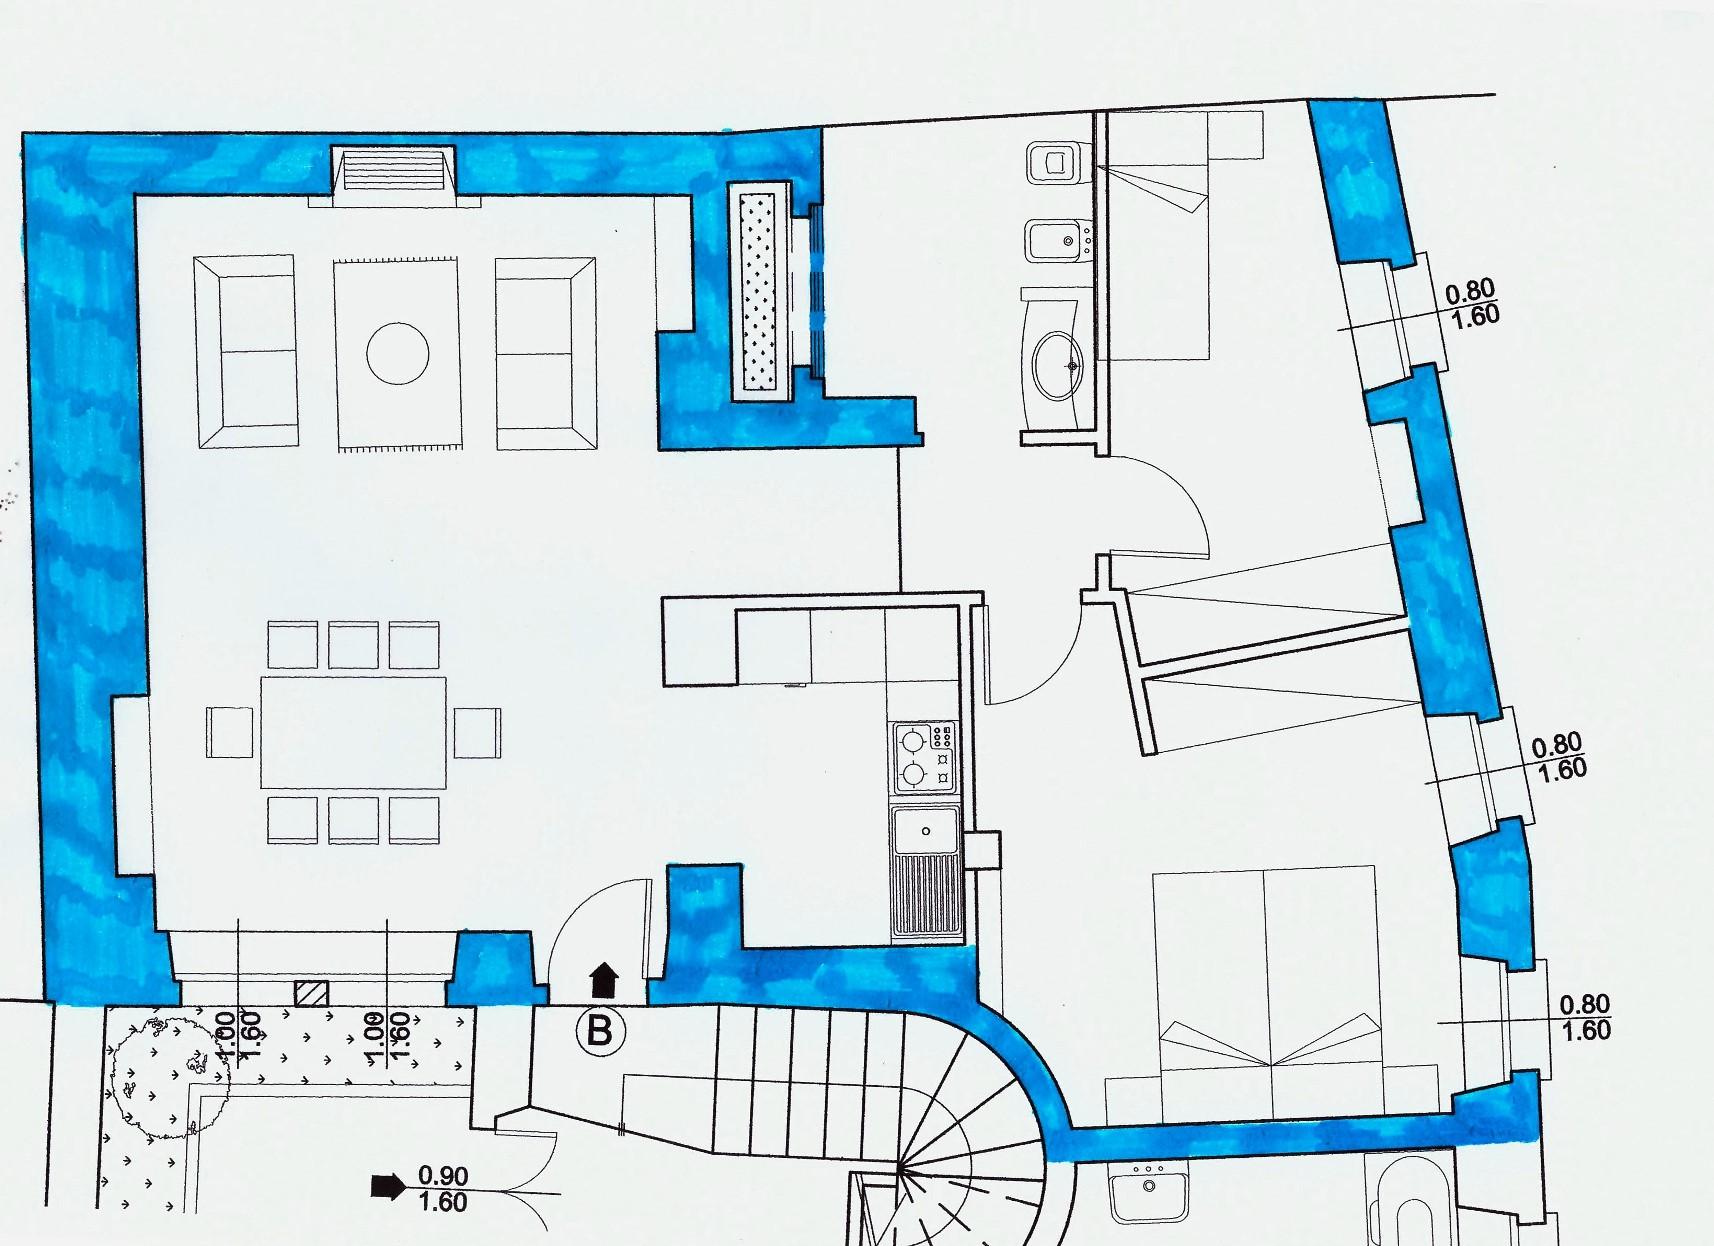 Großartig Schaltplan Für Das Gefriergerät Von Heatcraft Ideen ...